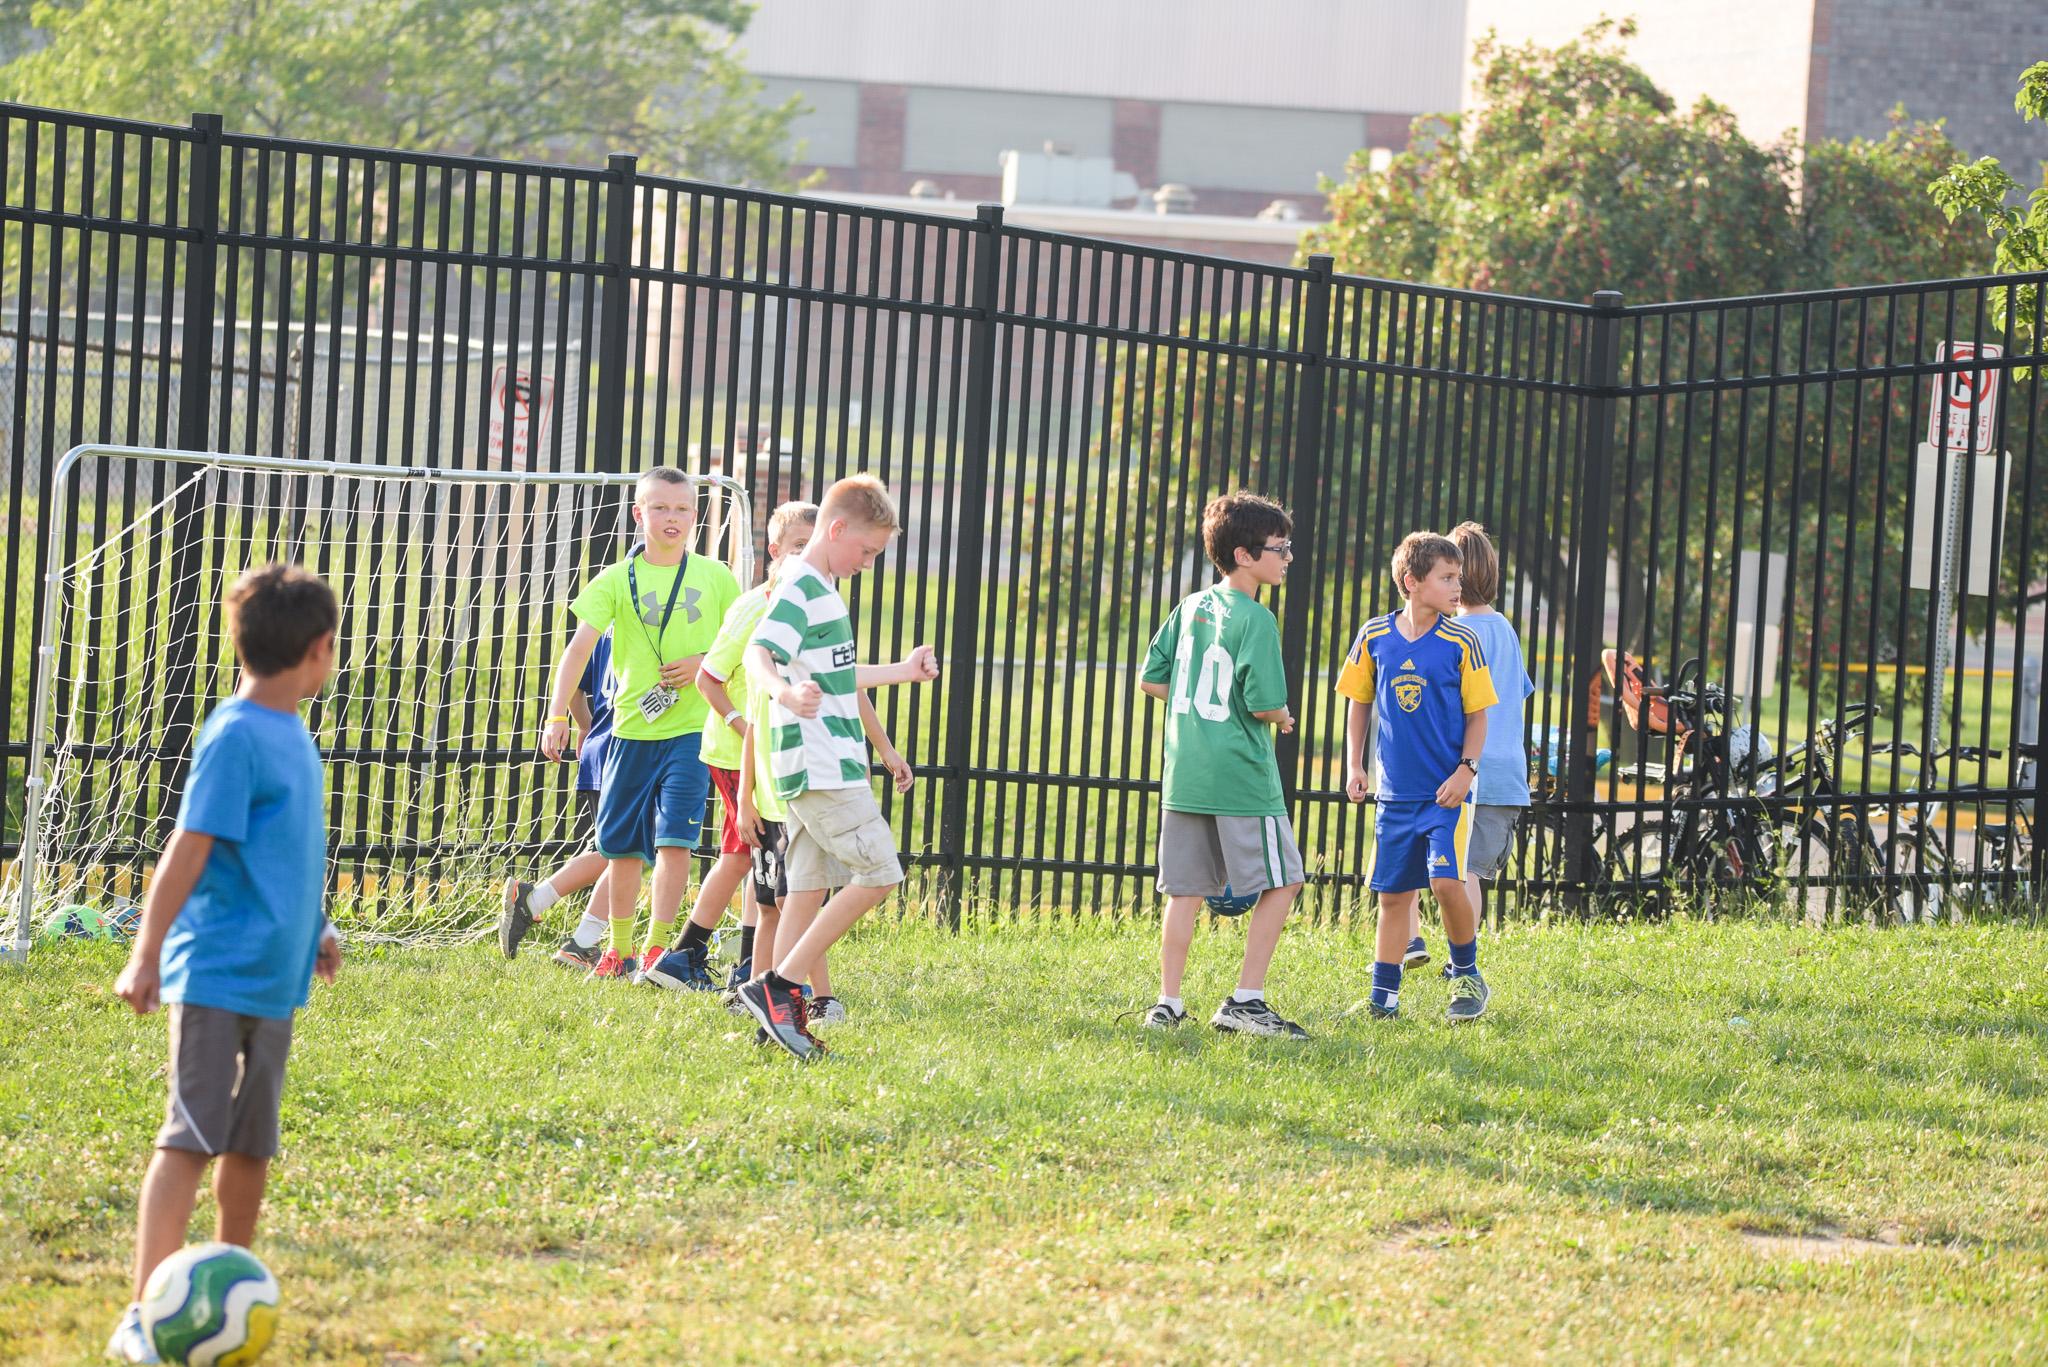 AFC-2015-06-07-113.jpg